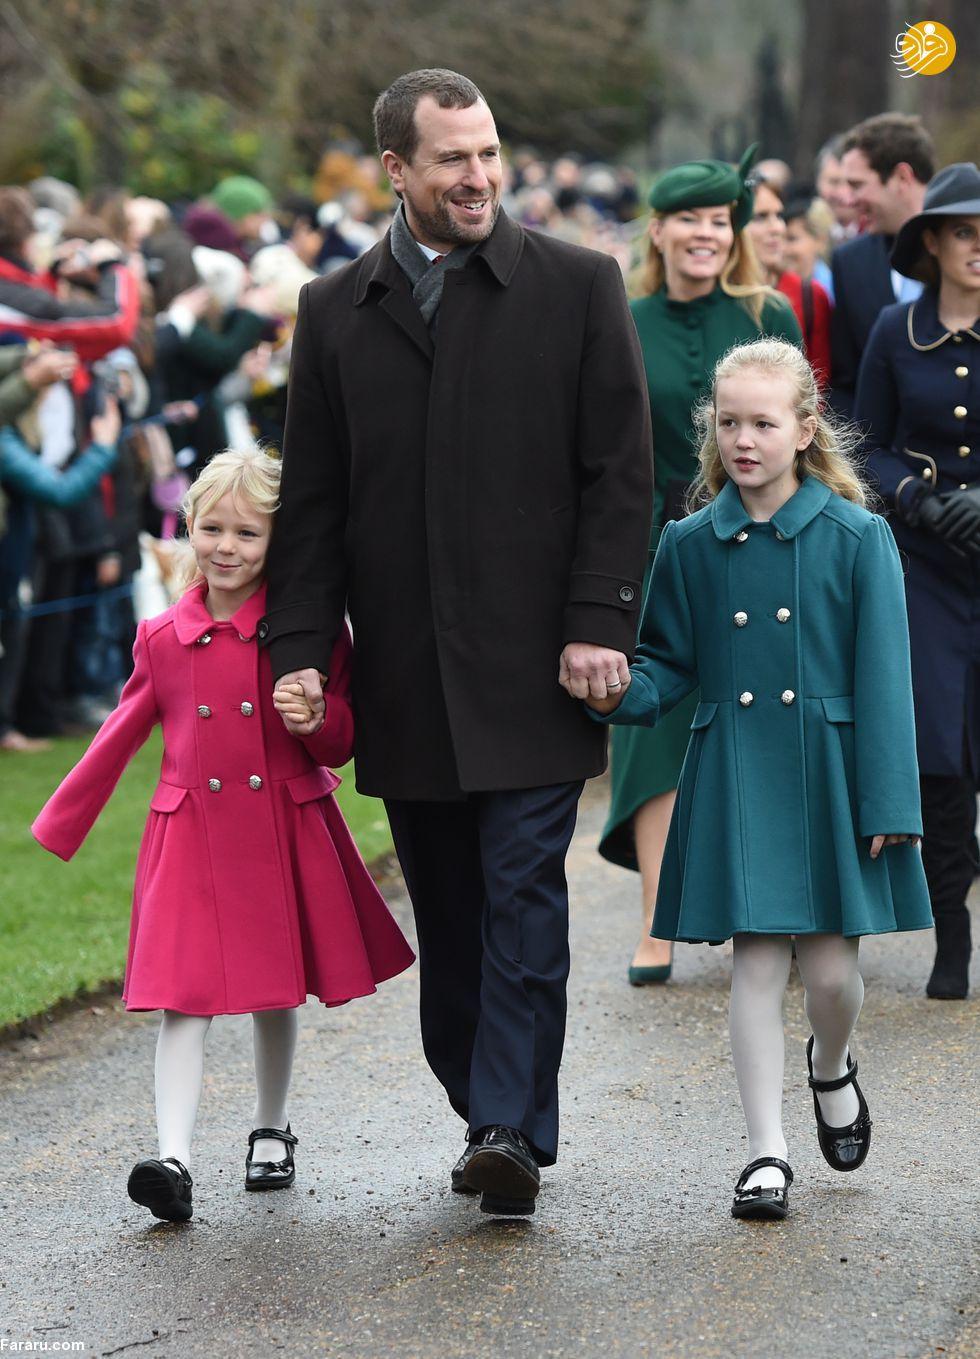 (تصاویر) پوشش خاندان سلطنتی بریتانیا در کریسمس - 13